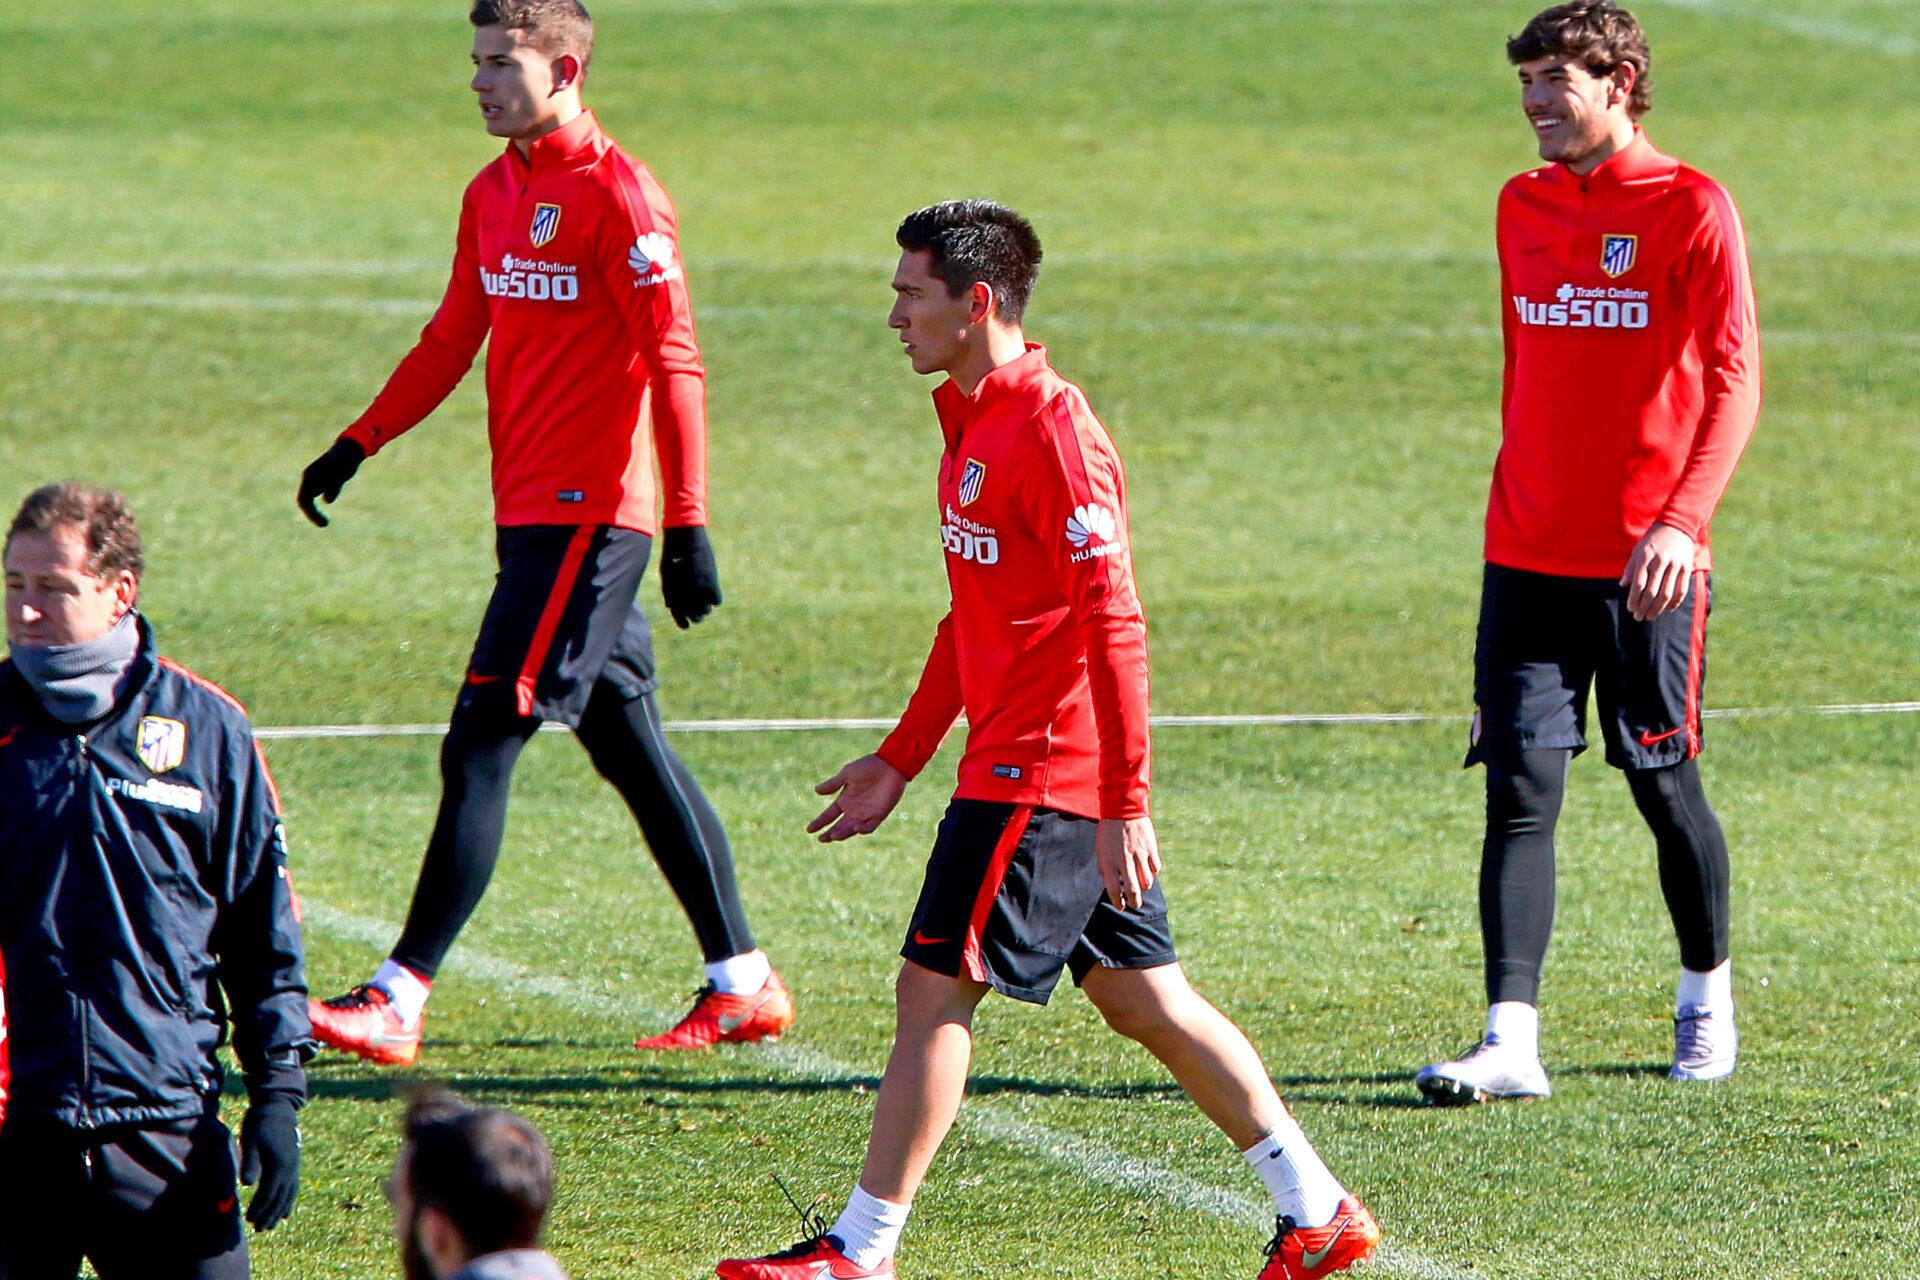 Formés à l'Atlético de Madrid, les frères Hernández n'y connaissent pas la même réussite. Jamais apparus ensemble en match, ils ont participé à quelques séances d'entraînement (iconsport)